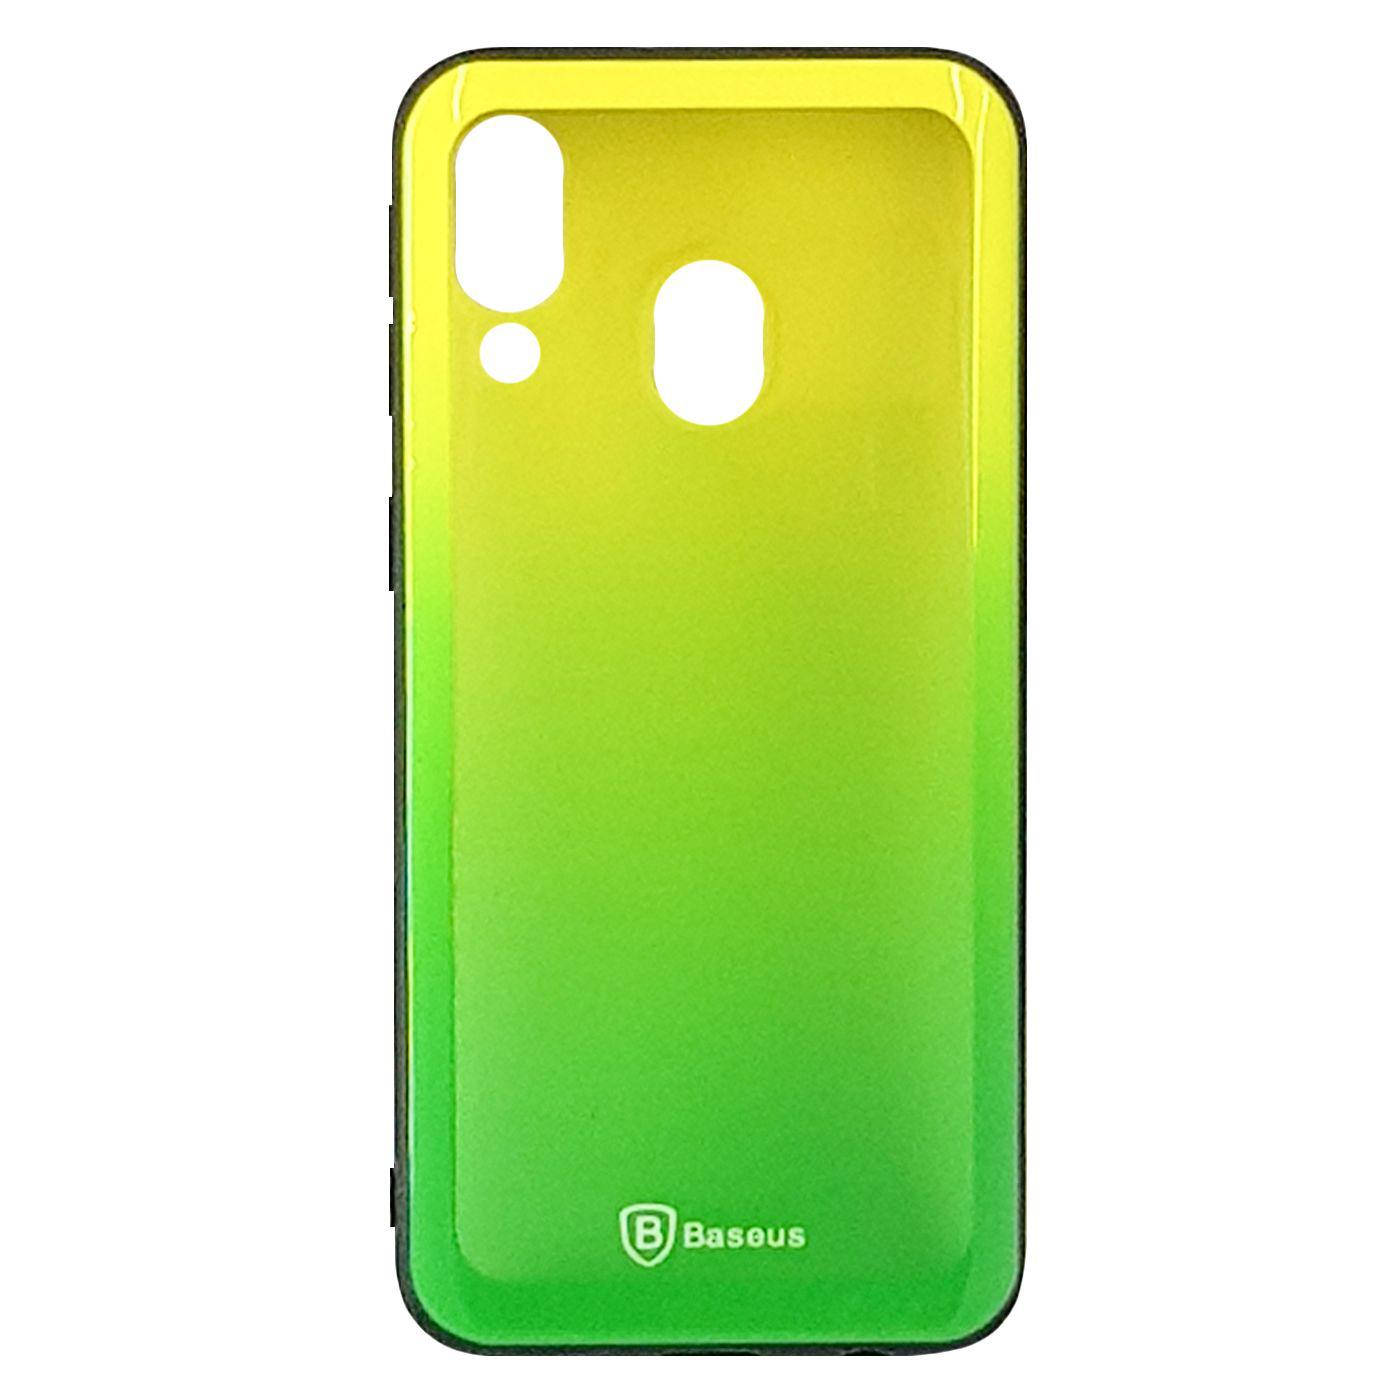 کاور مدل BAS24 مناسب برای گوشی موبایل سامسونگ Galaxy A20 / A30